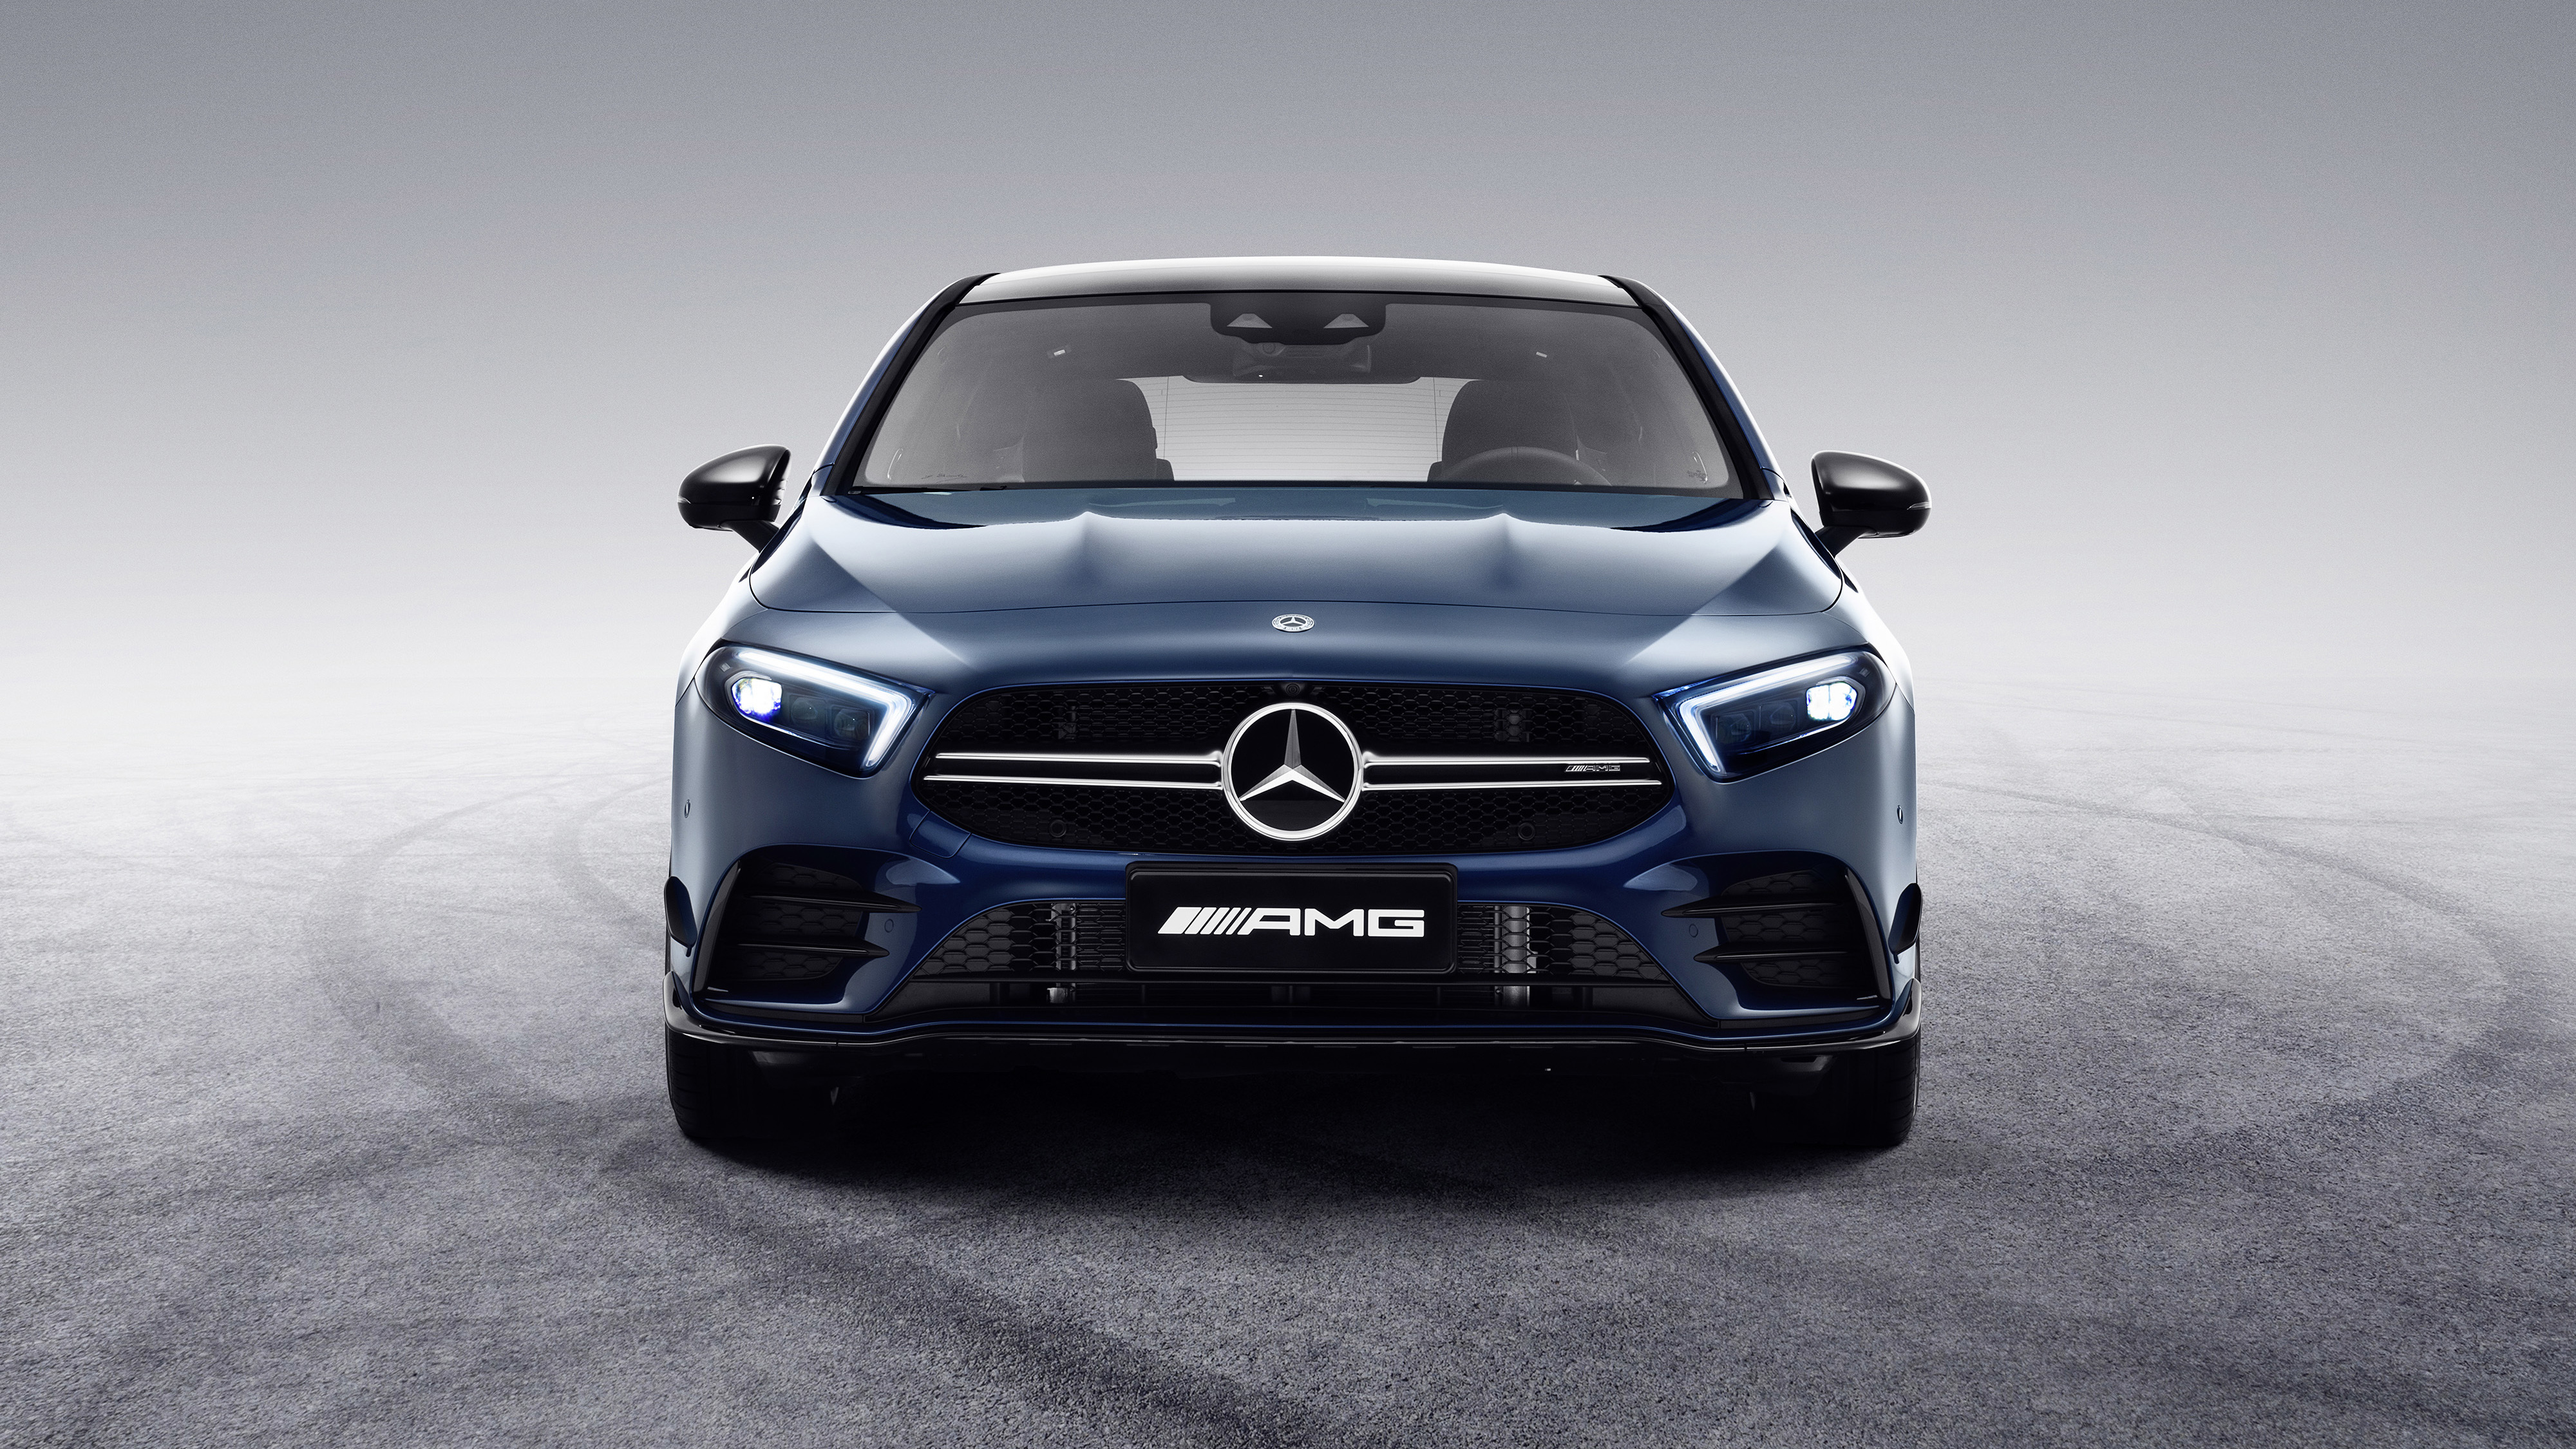 Mercedes Amg A 35 L 4matic 2019 4k Wallpaper Hd Car Wallpapers Id 12466